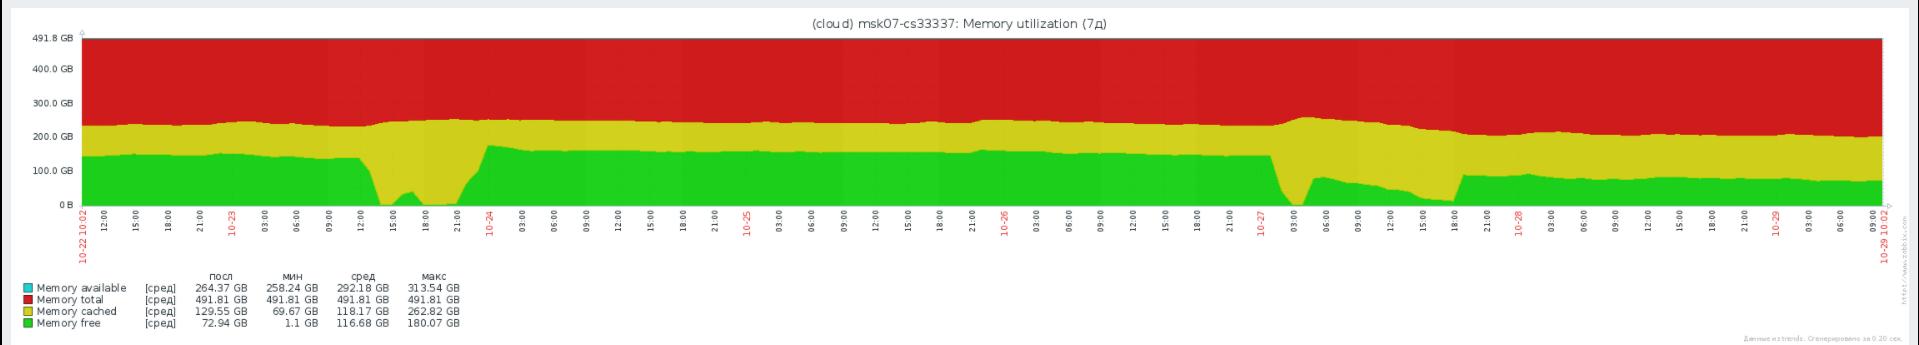 Virtuozzo Storage: Реальный опыт эксплуатации, советы по оптимизации и решению проблем - 2